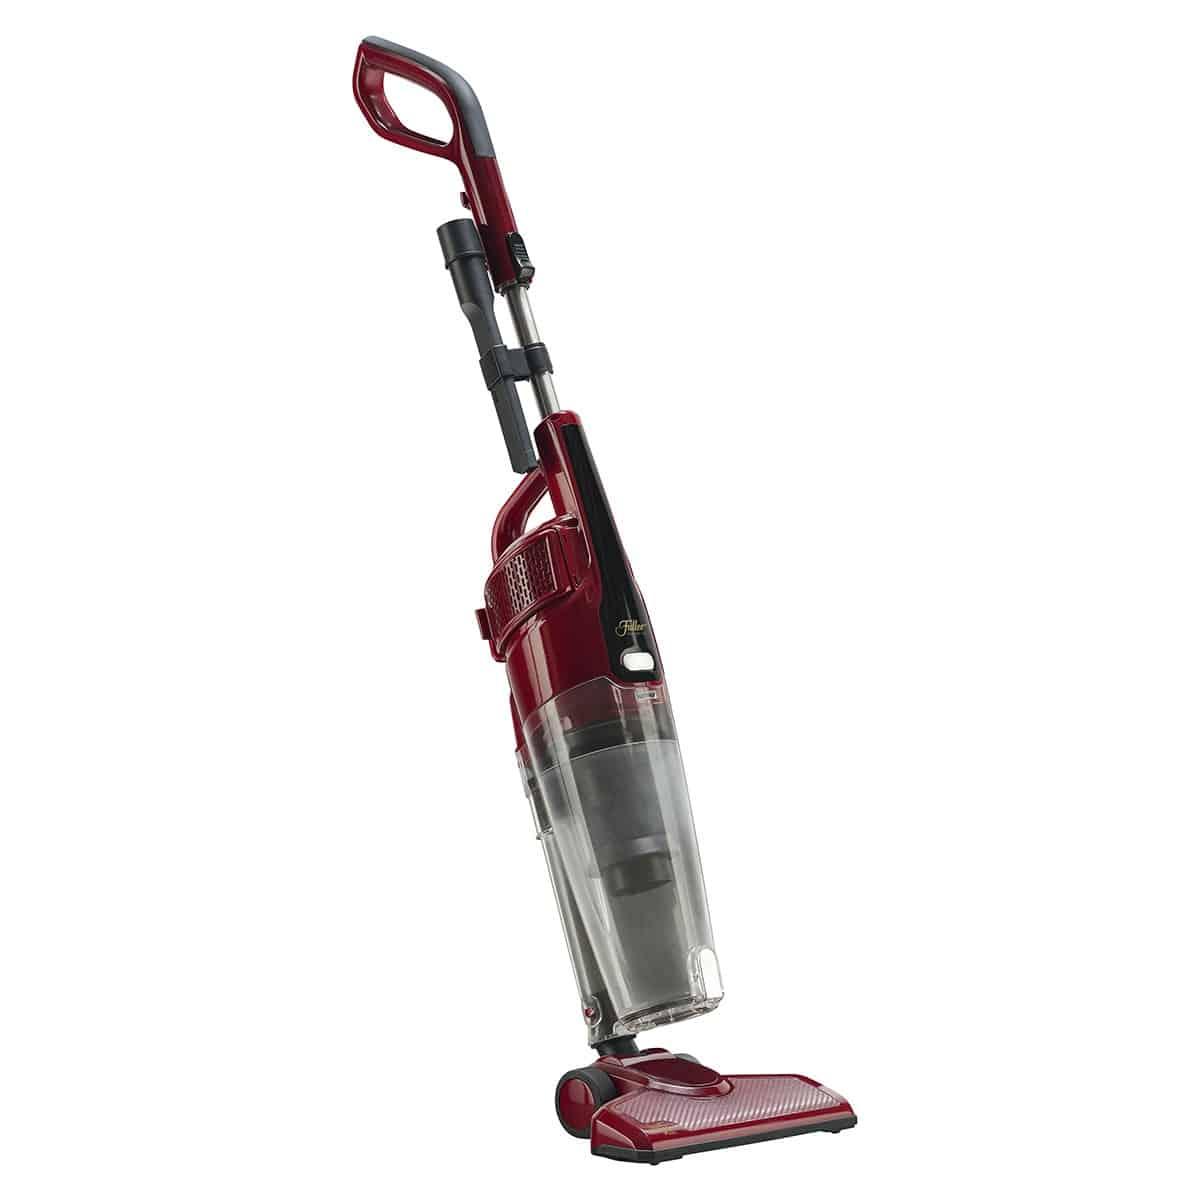 Fuller Brush corded stick vacuum